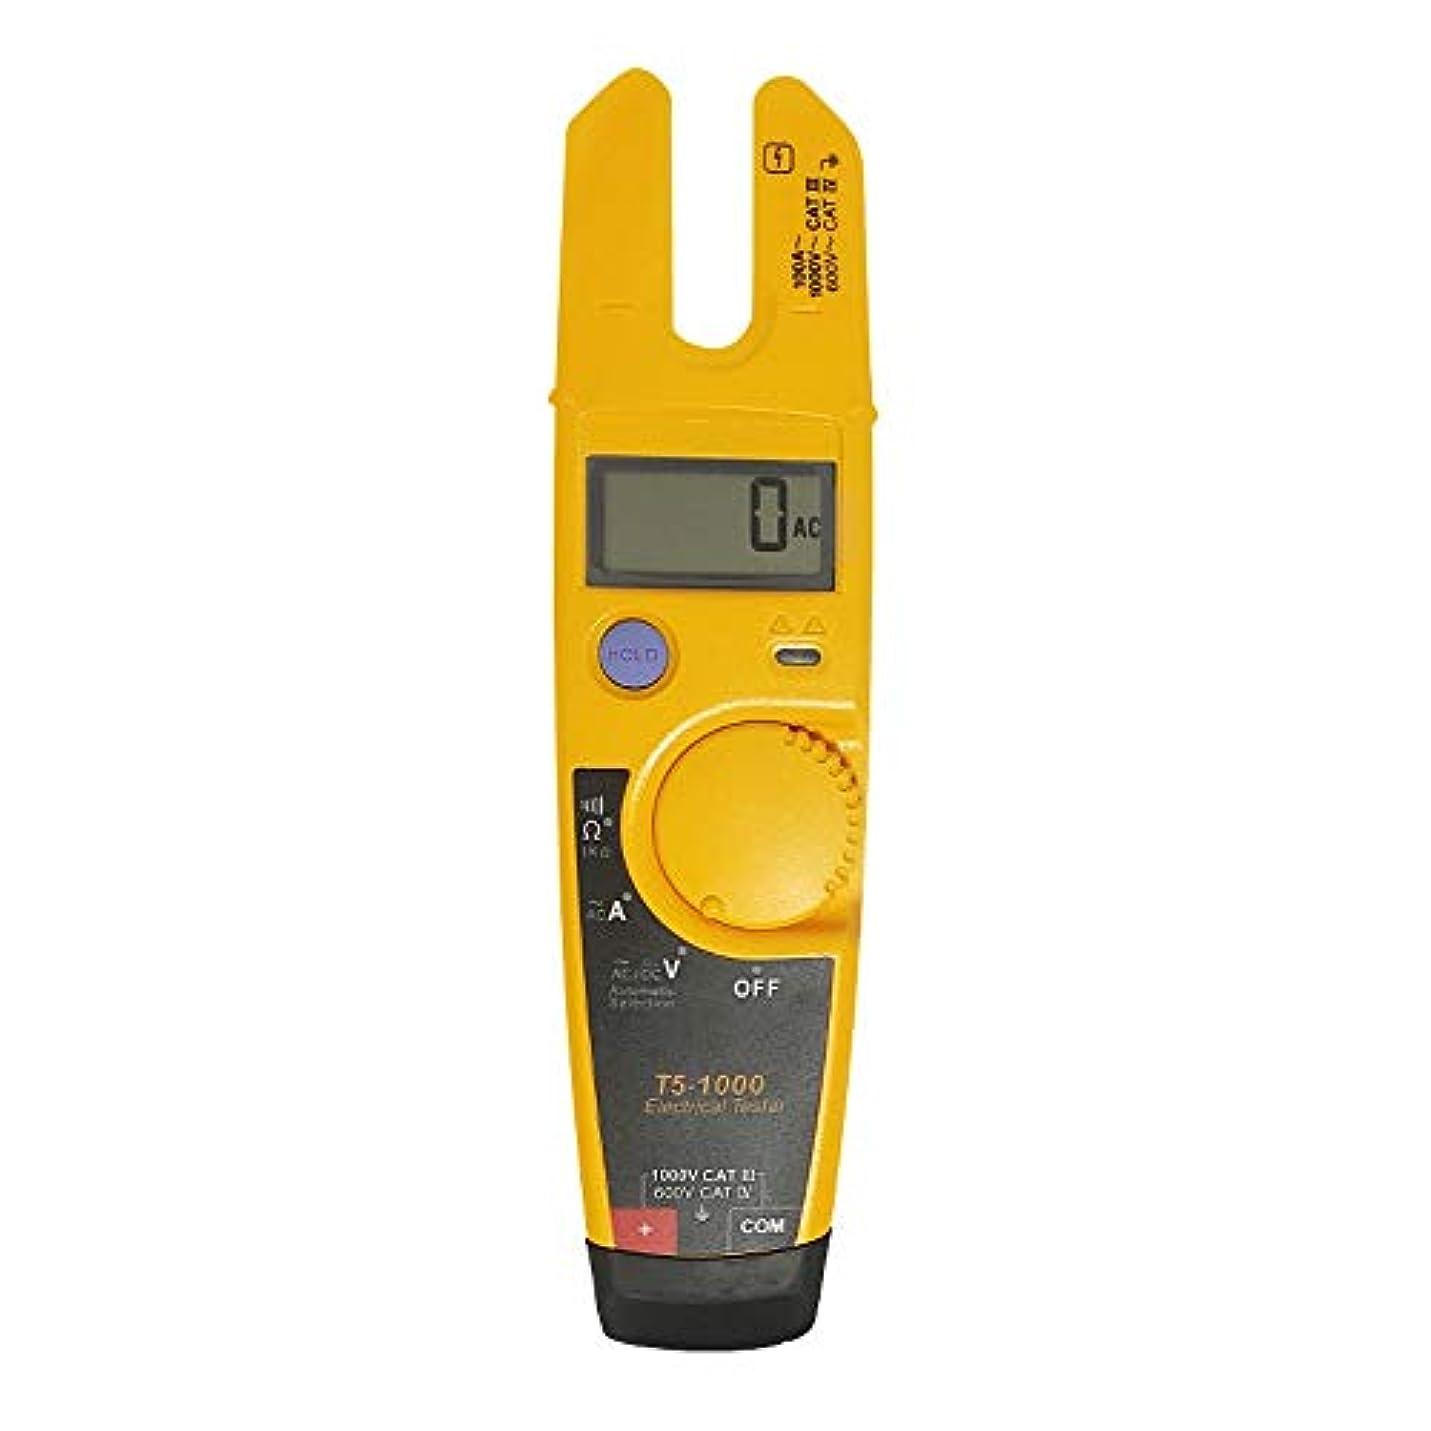 証言する悔い改める卒業ZHQJP Labloot ソフトケース付き T5-600 クランプメーター 電圧 連続電流 クランプメーター